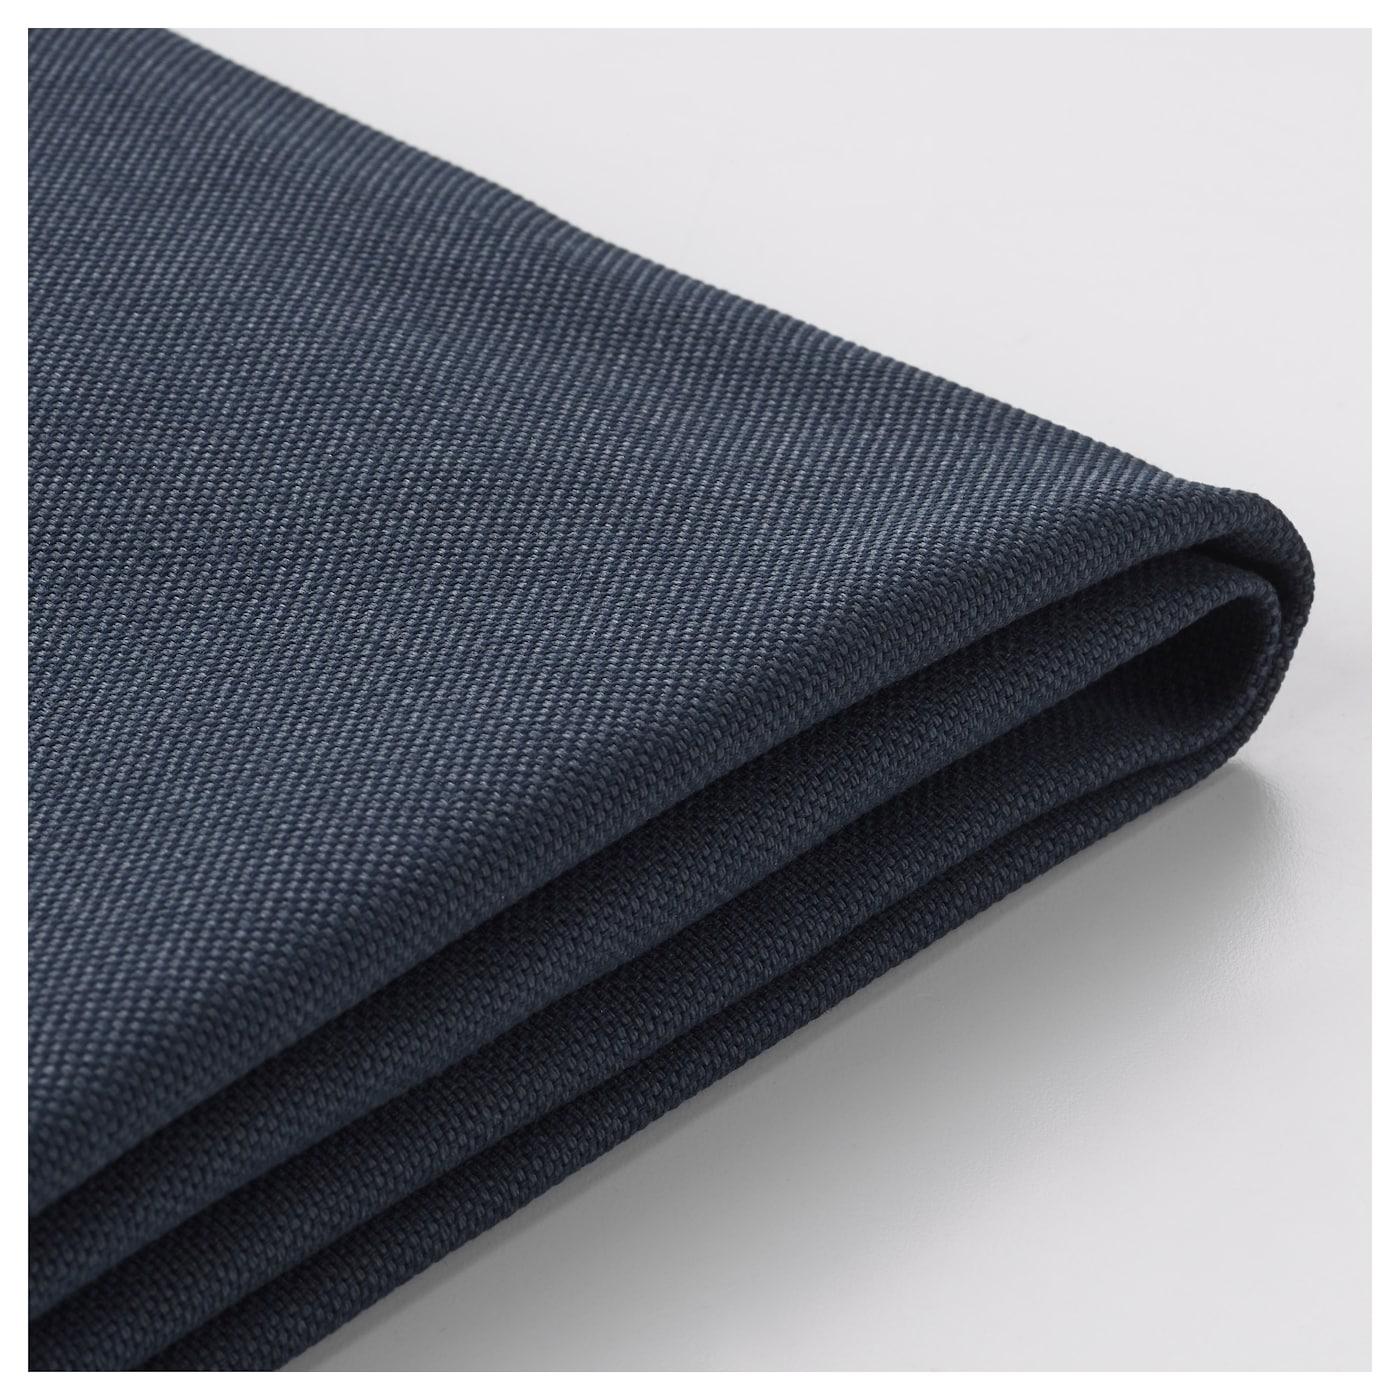 Vimle housse canap 2 pl orrsta bleu noir ikea for Housse aile housse ikea